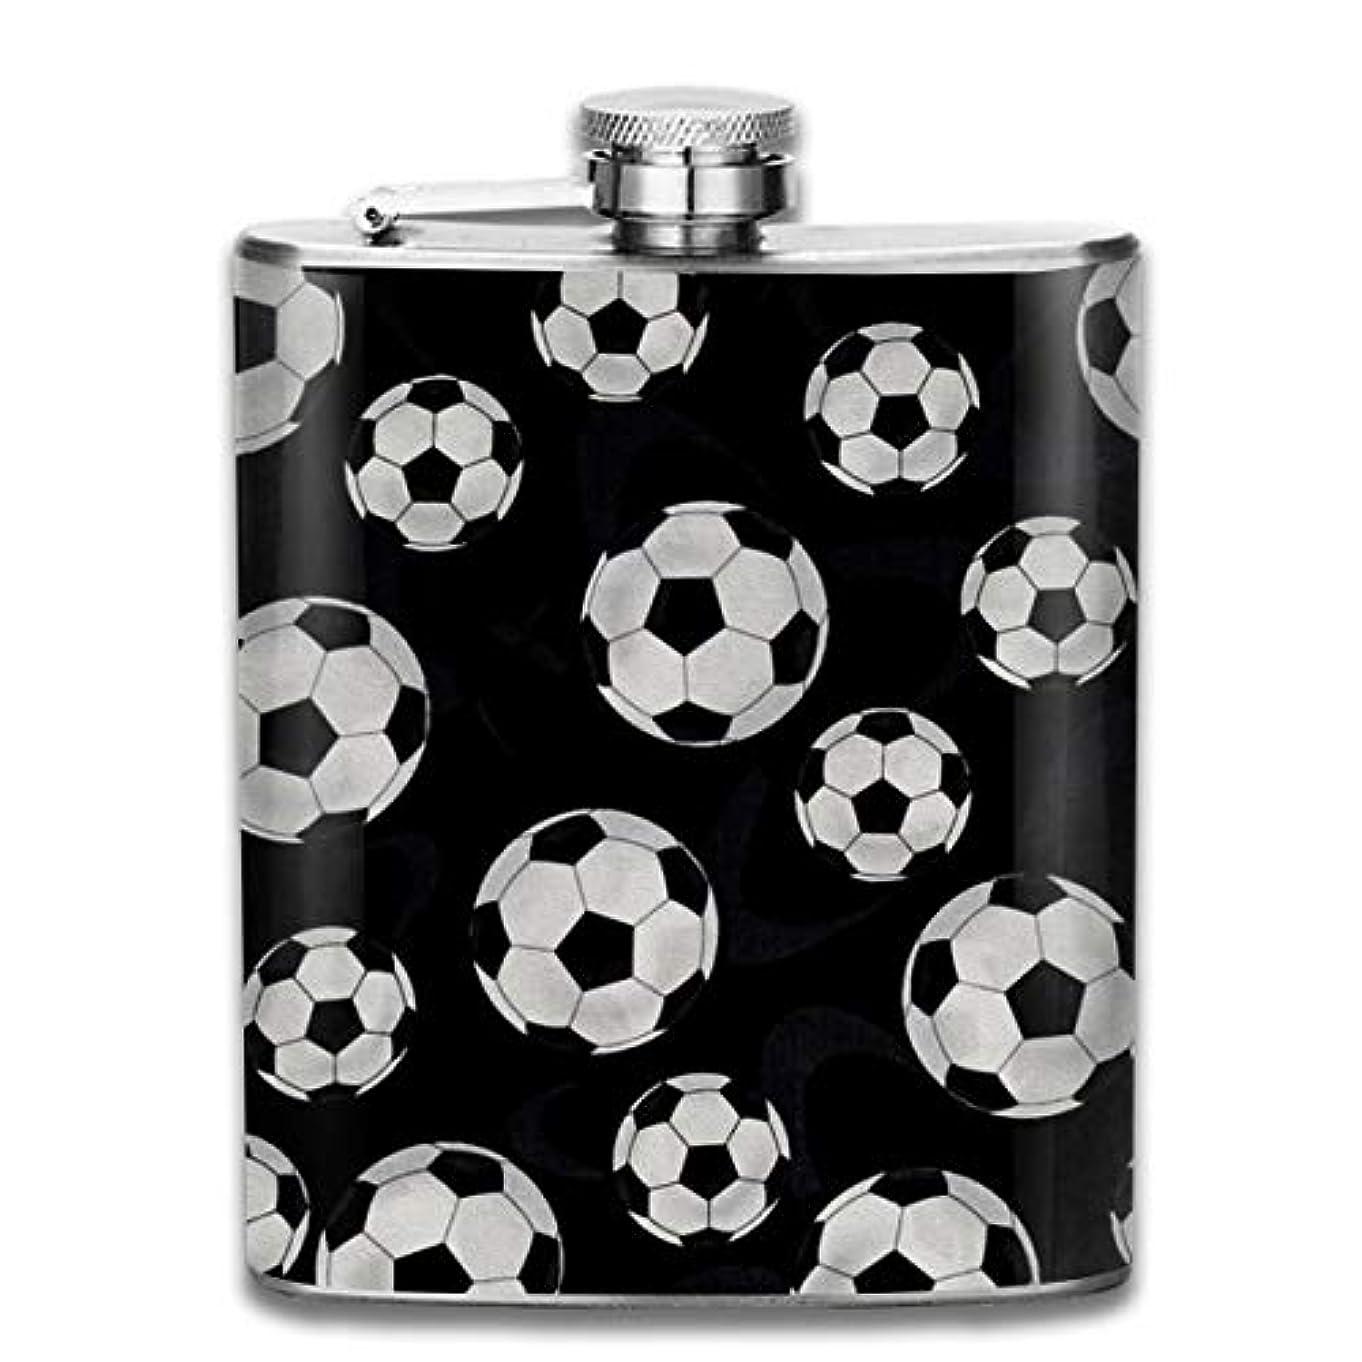 ラグで打ち上げるサッカー 花柄 フラスコ スキットル ヒップフラスコ 7オンス 206ml 高品質ステンレス製 ウイスキー アルコール 清酒 携帯 ボトル